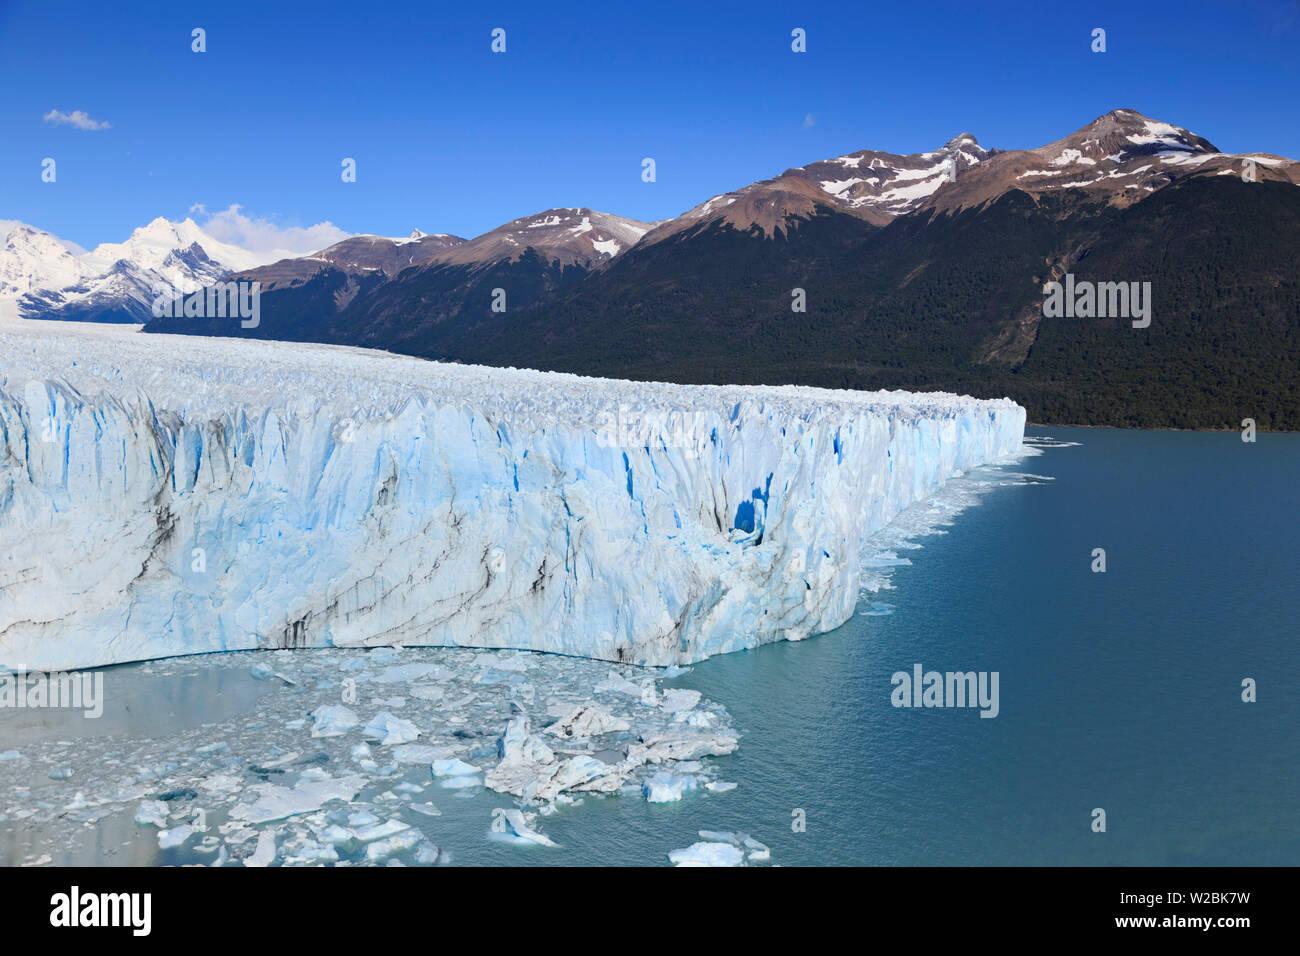 Argentina, Patagonia, El Calafate, Perito Moreno Glacier - Stock Image